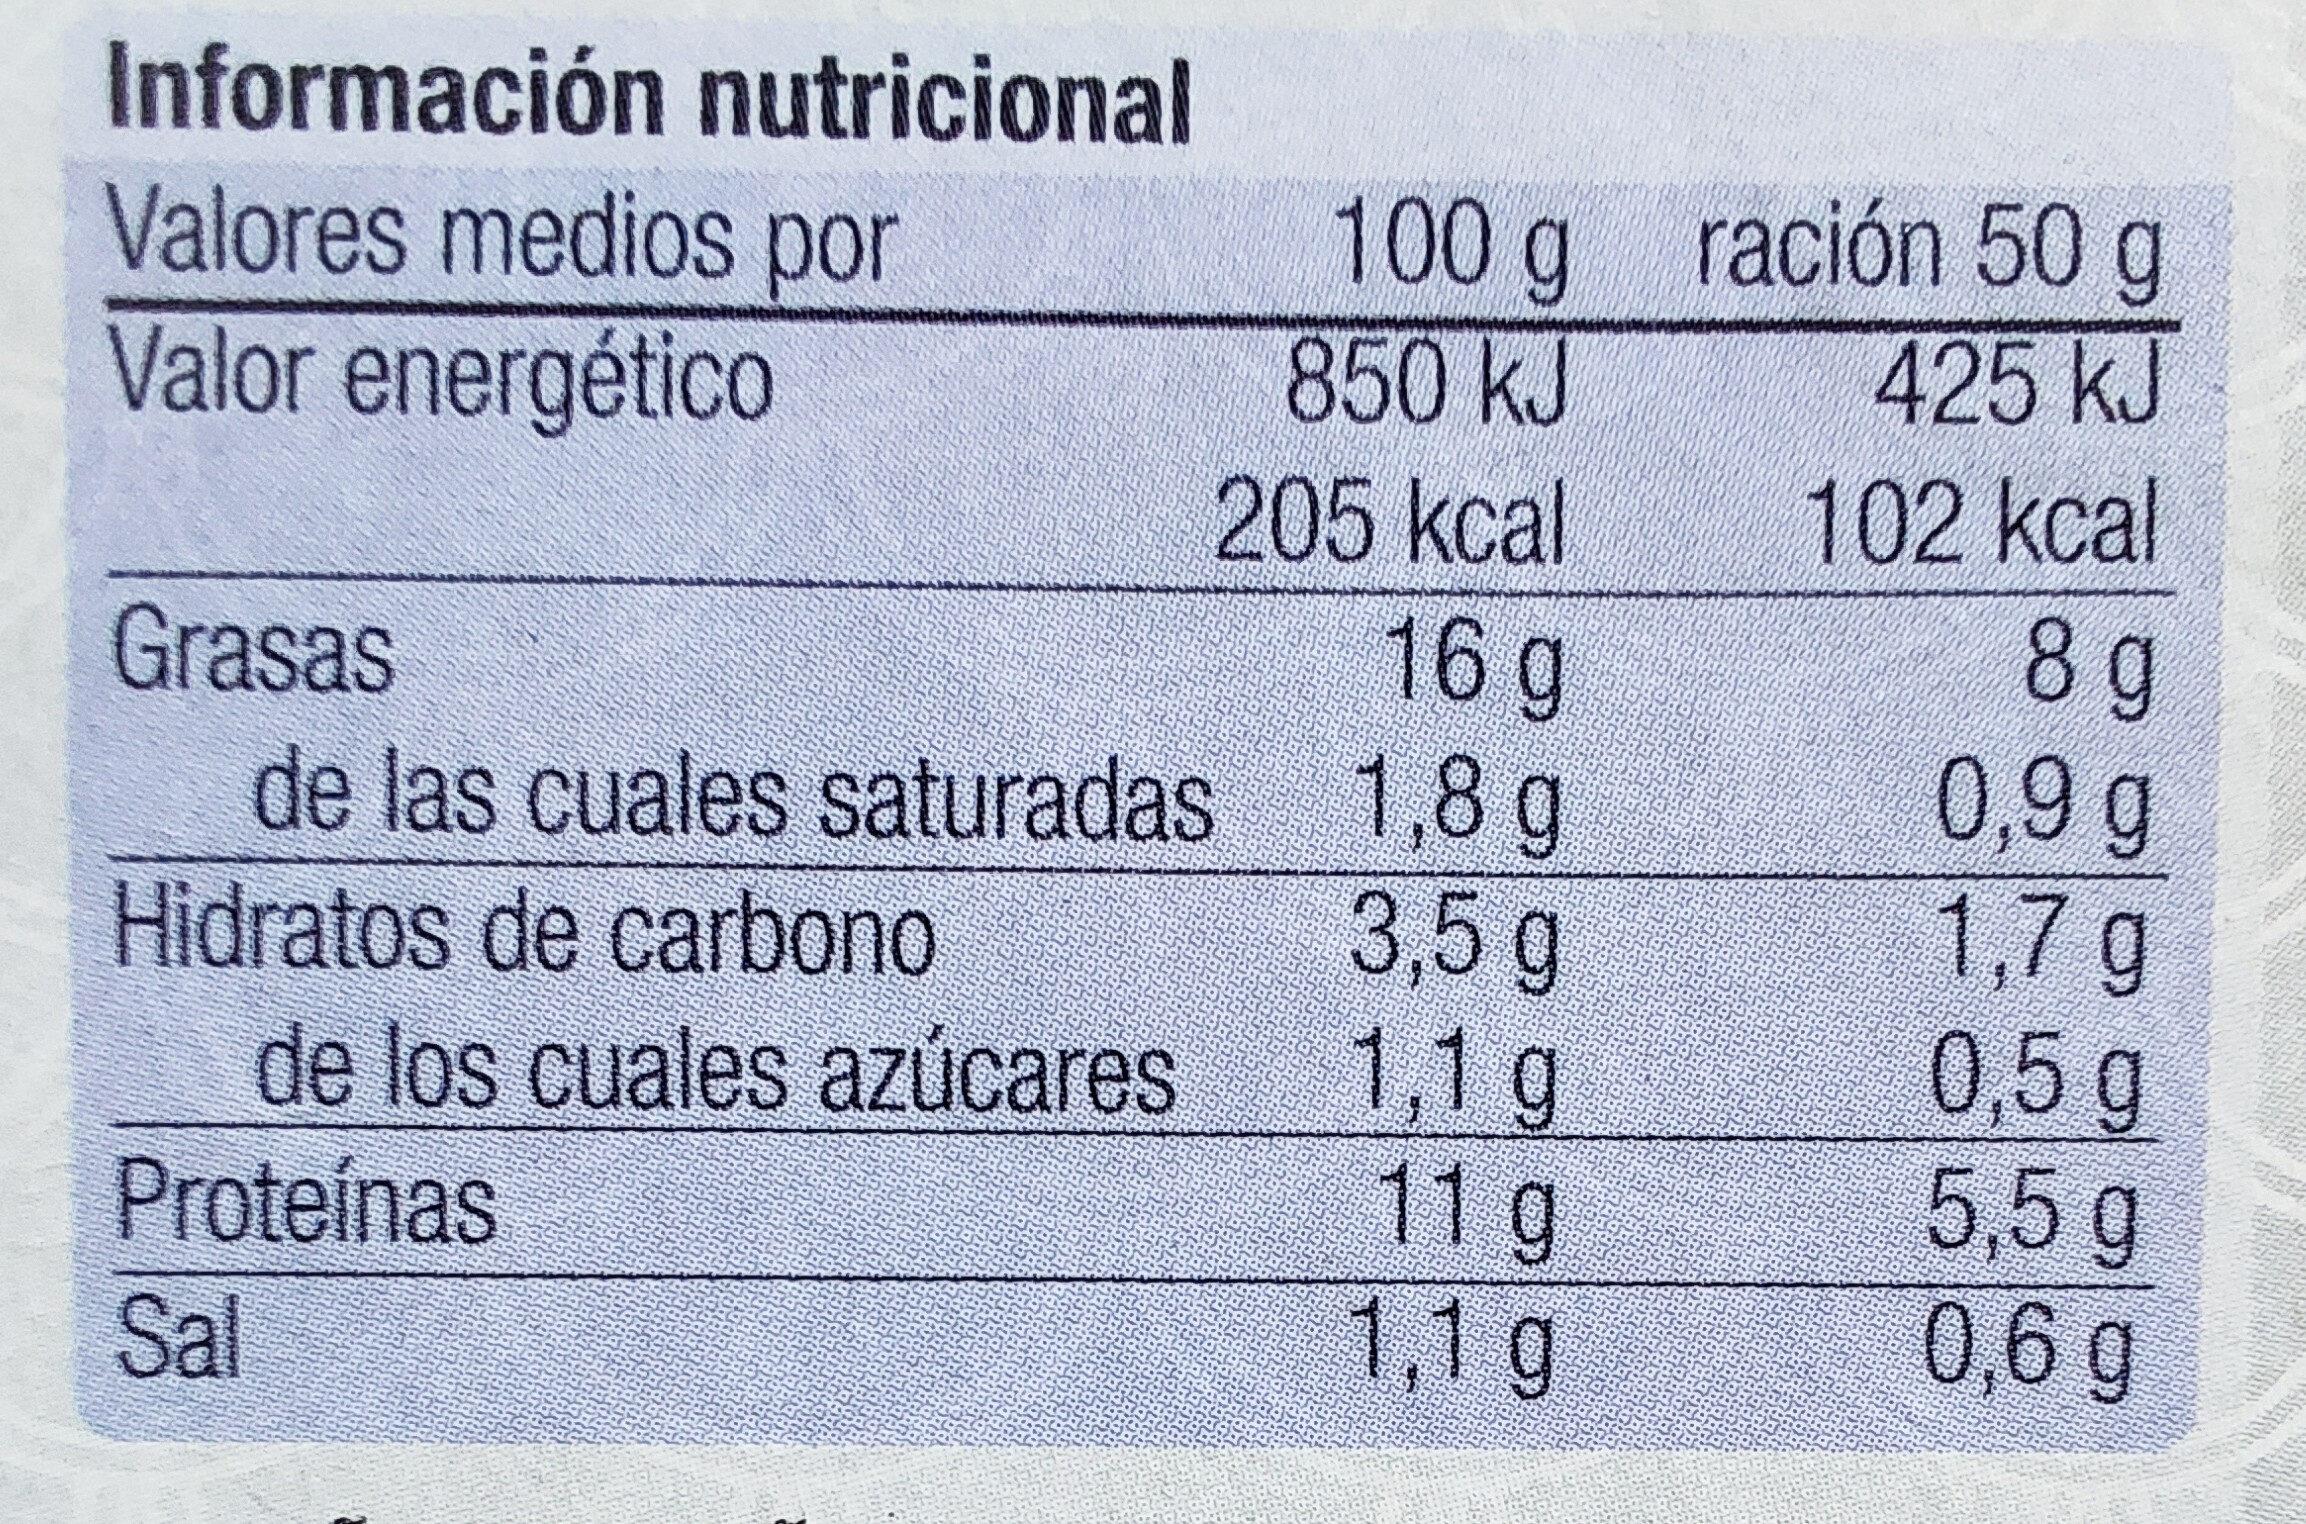 Almejas Blancas En Salsa Gallega - Informations nutritionnelles